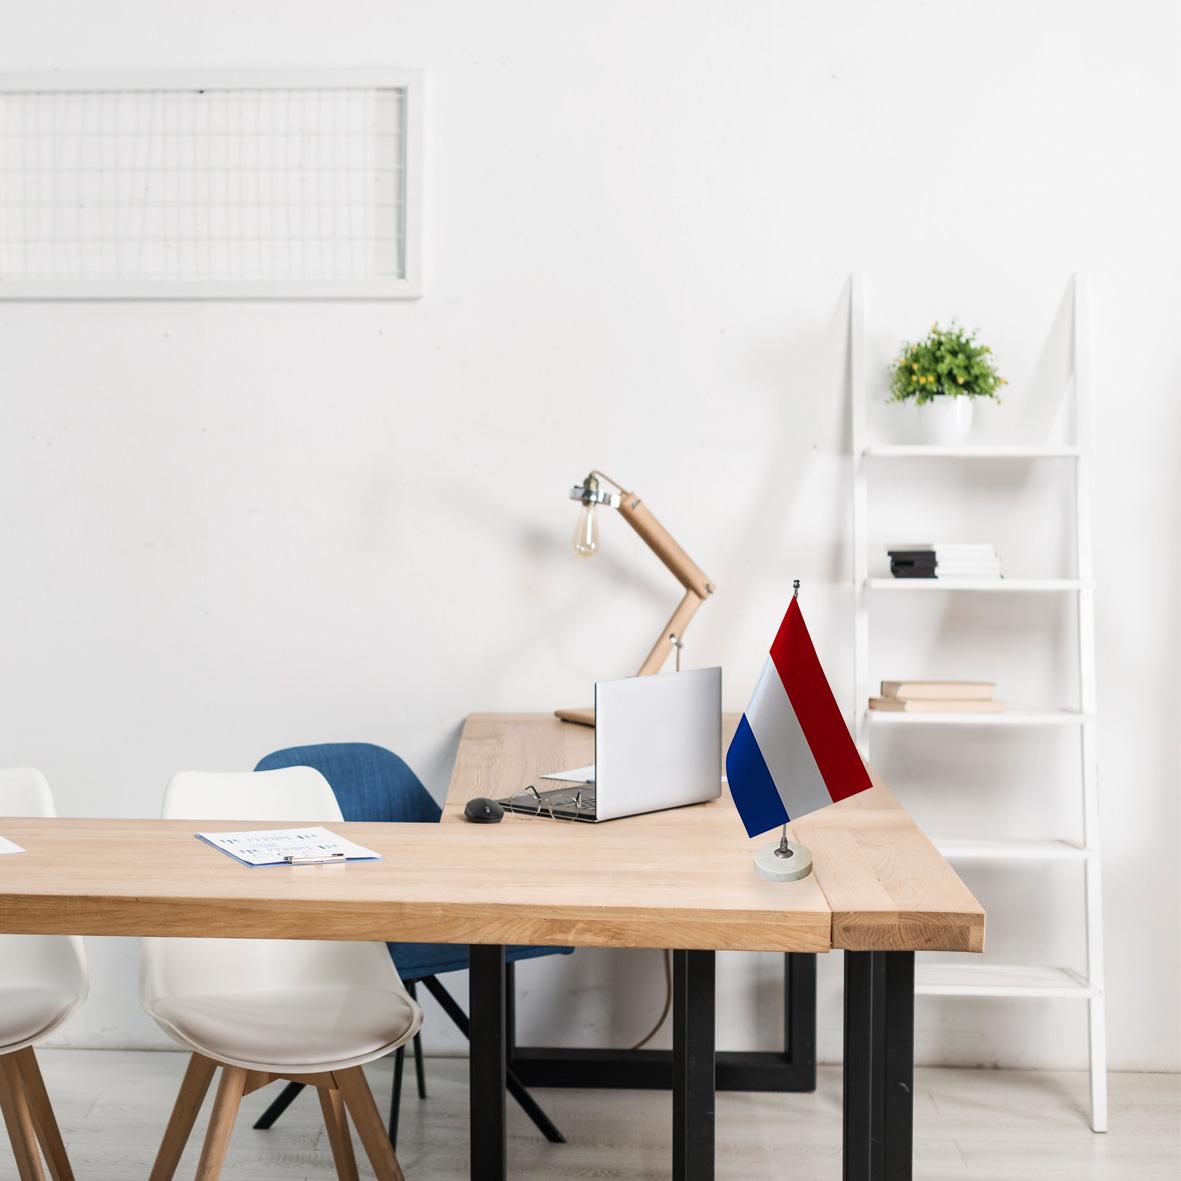 خرید                      پرچم رومیزی طرح پرچم کشور هلند کد pr52